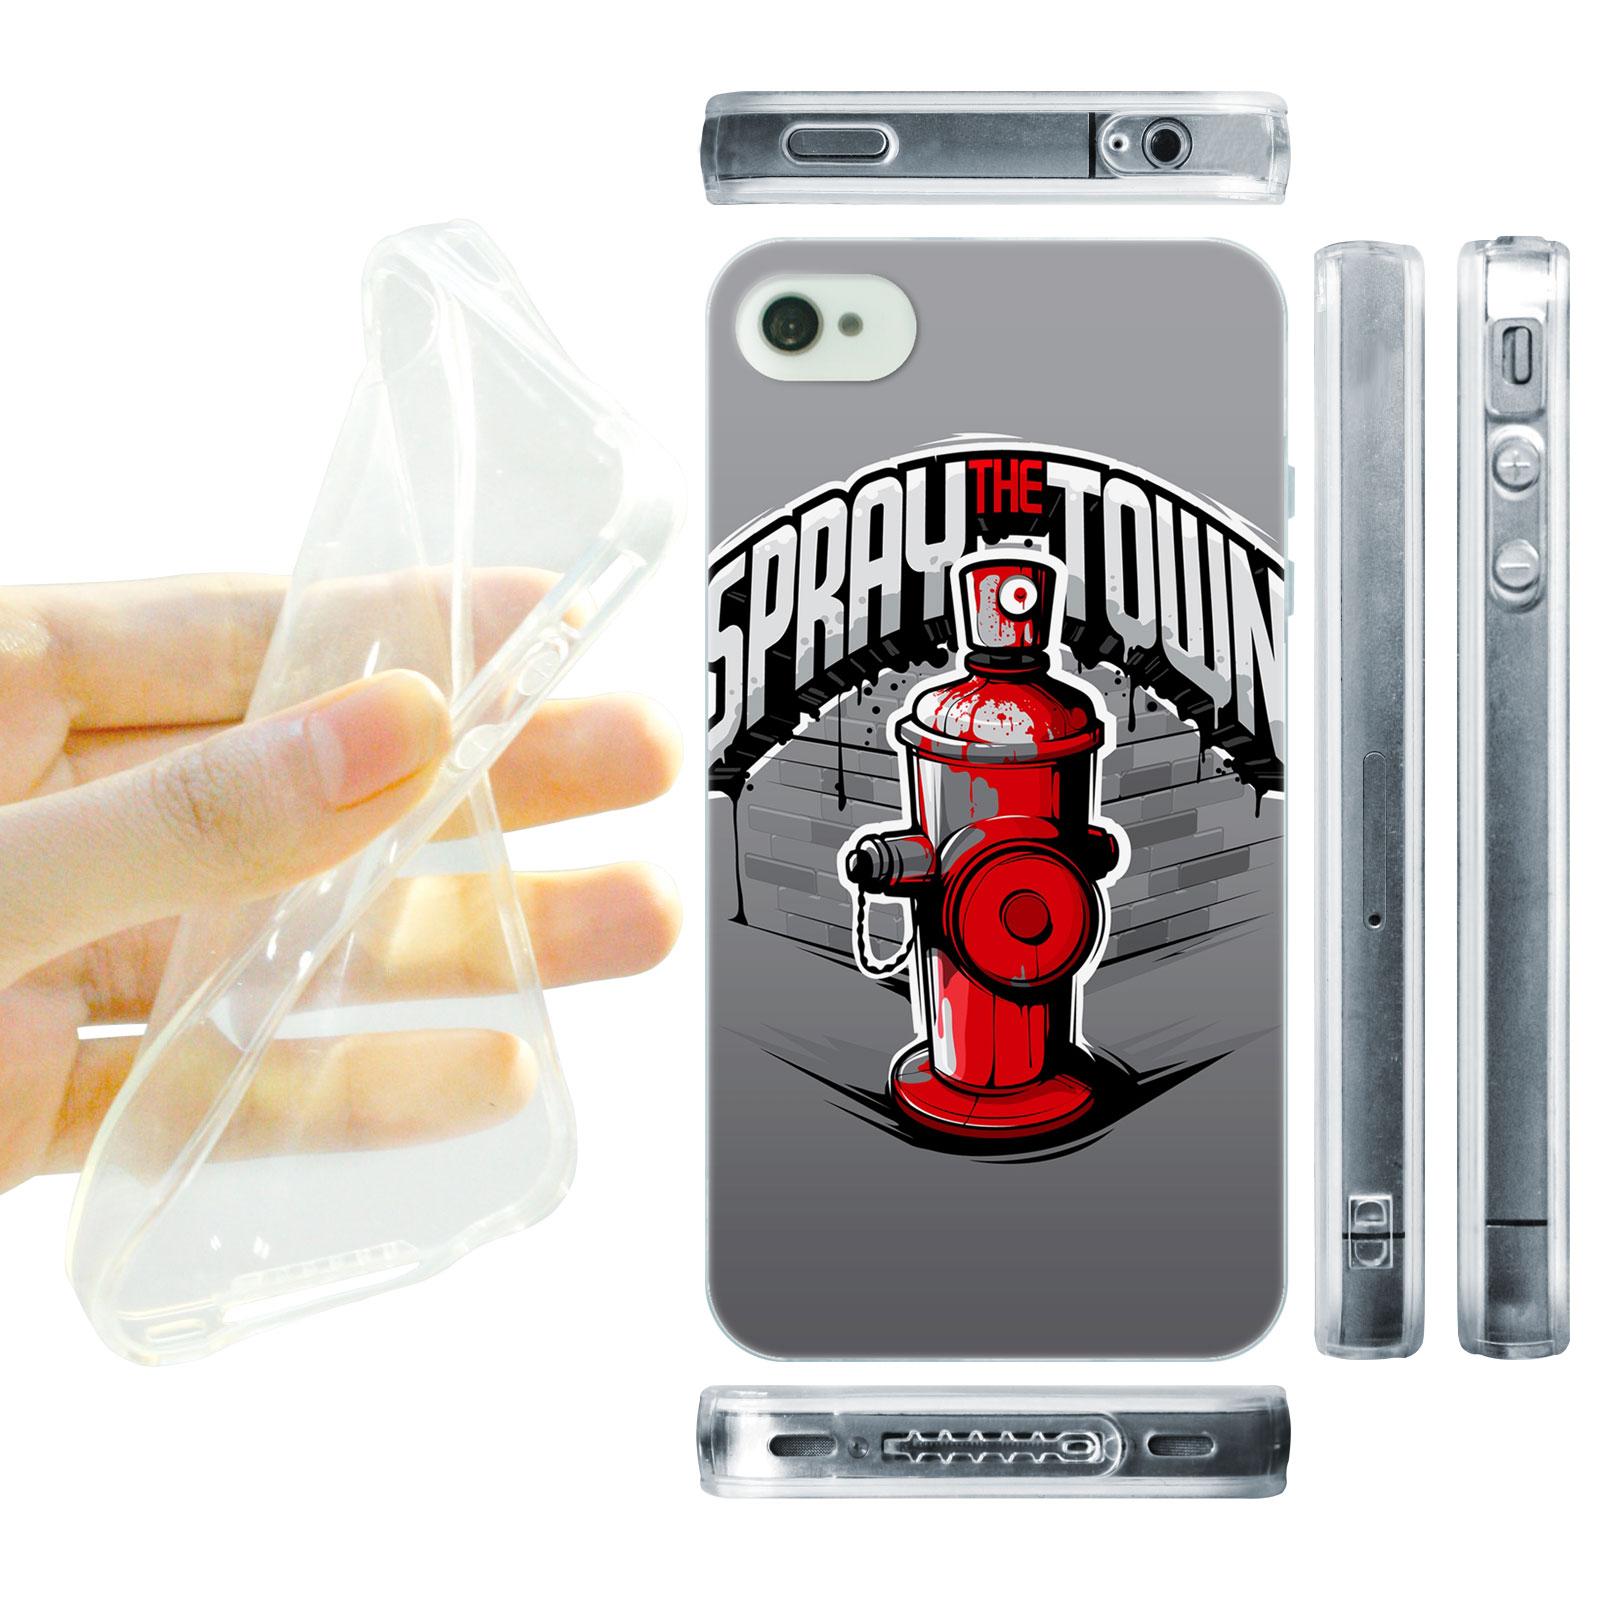 HEAD CASE silikonový obal na mobil Iphone 4/4S Urban styl požární hydrant sprej style